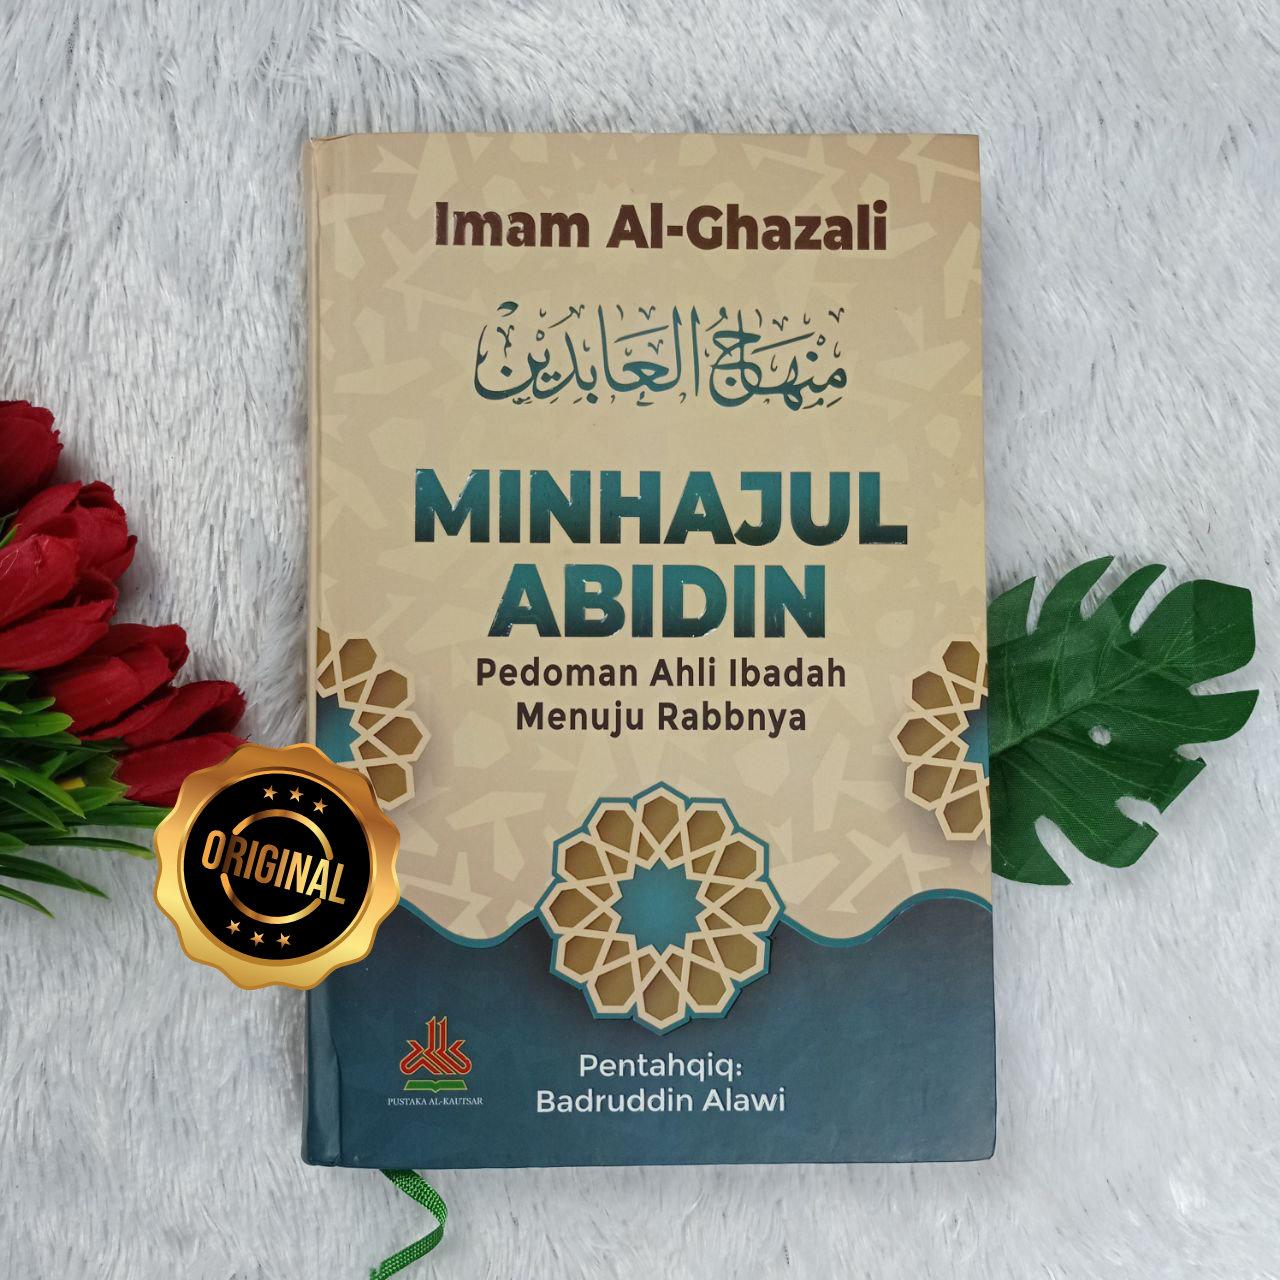 Buku Minhajul Abidin Pedoman Ahli Ibadah Menuju Rabbnya